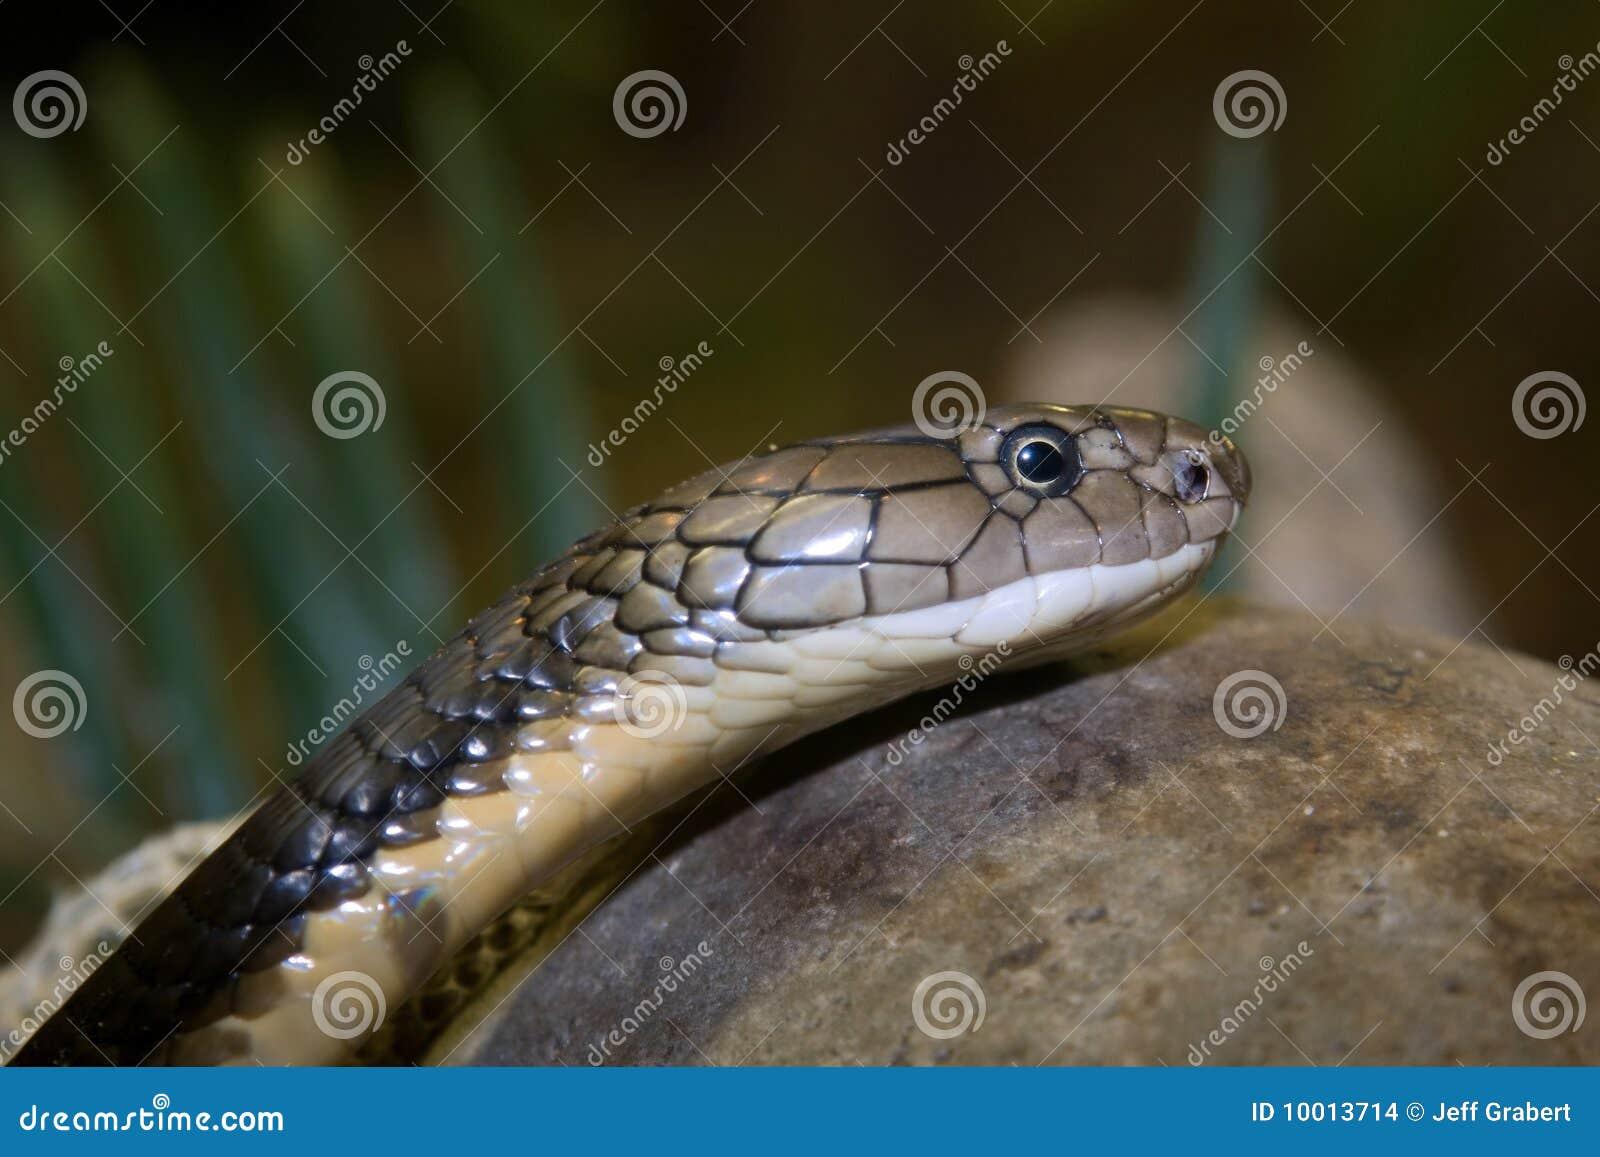 Фото кобра крупным планом 16 фотография